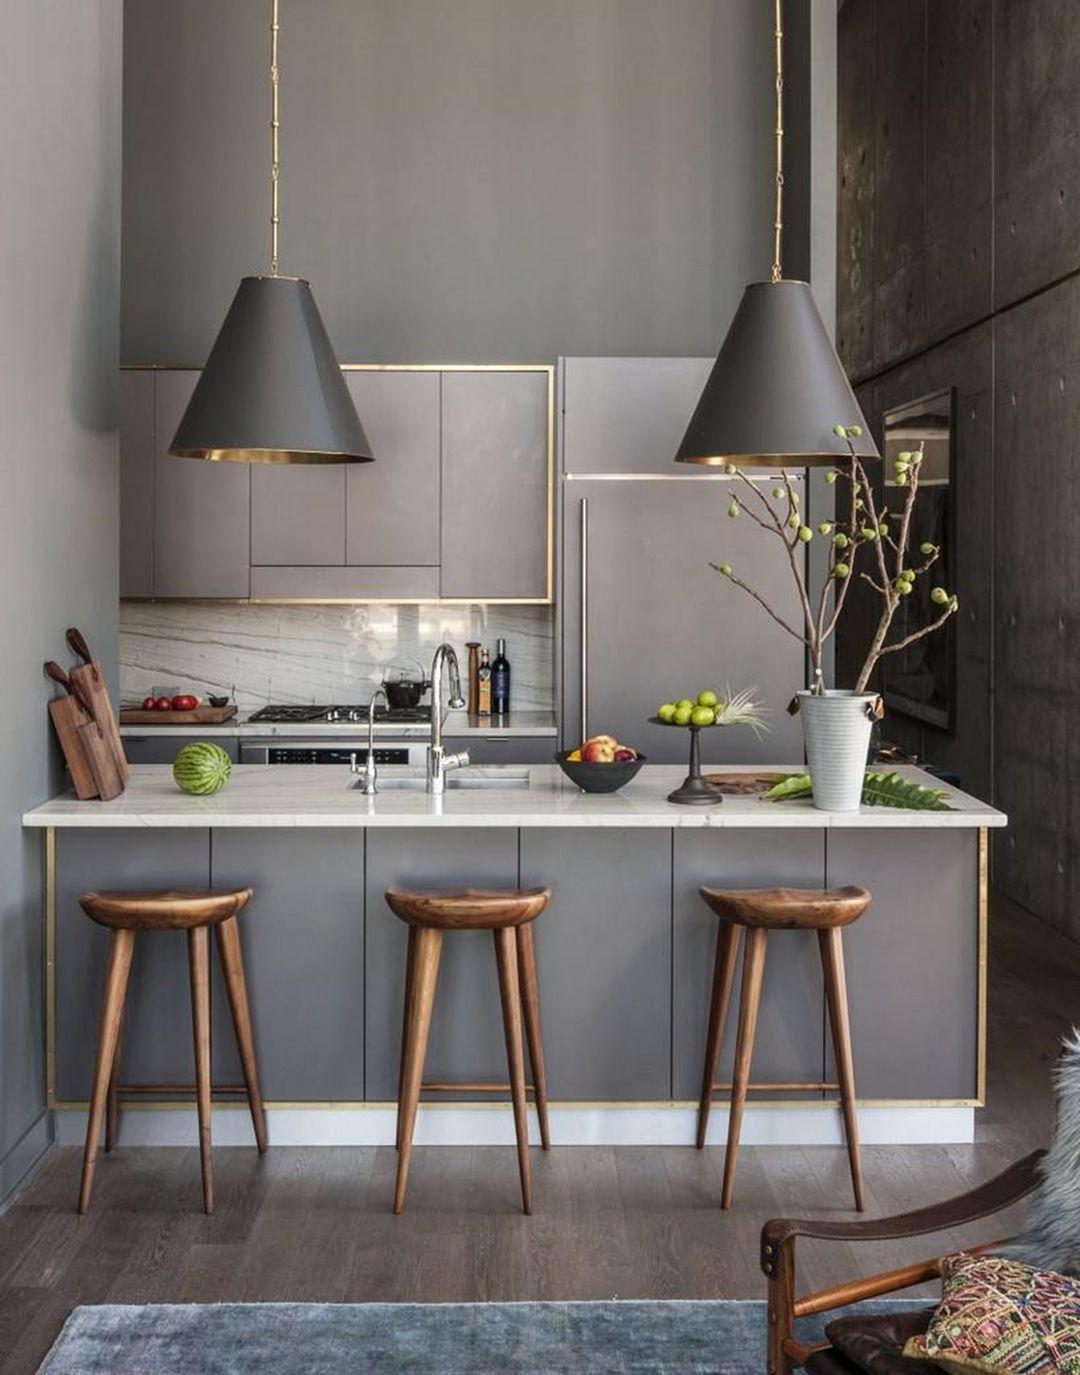 best 15 amazing small modern kitchen design ideas kitchens rh pinterest com